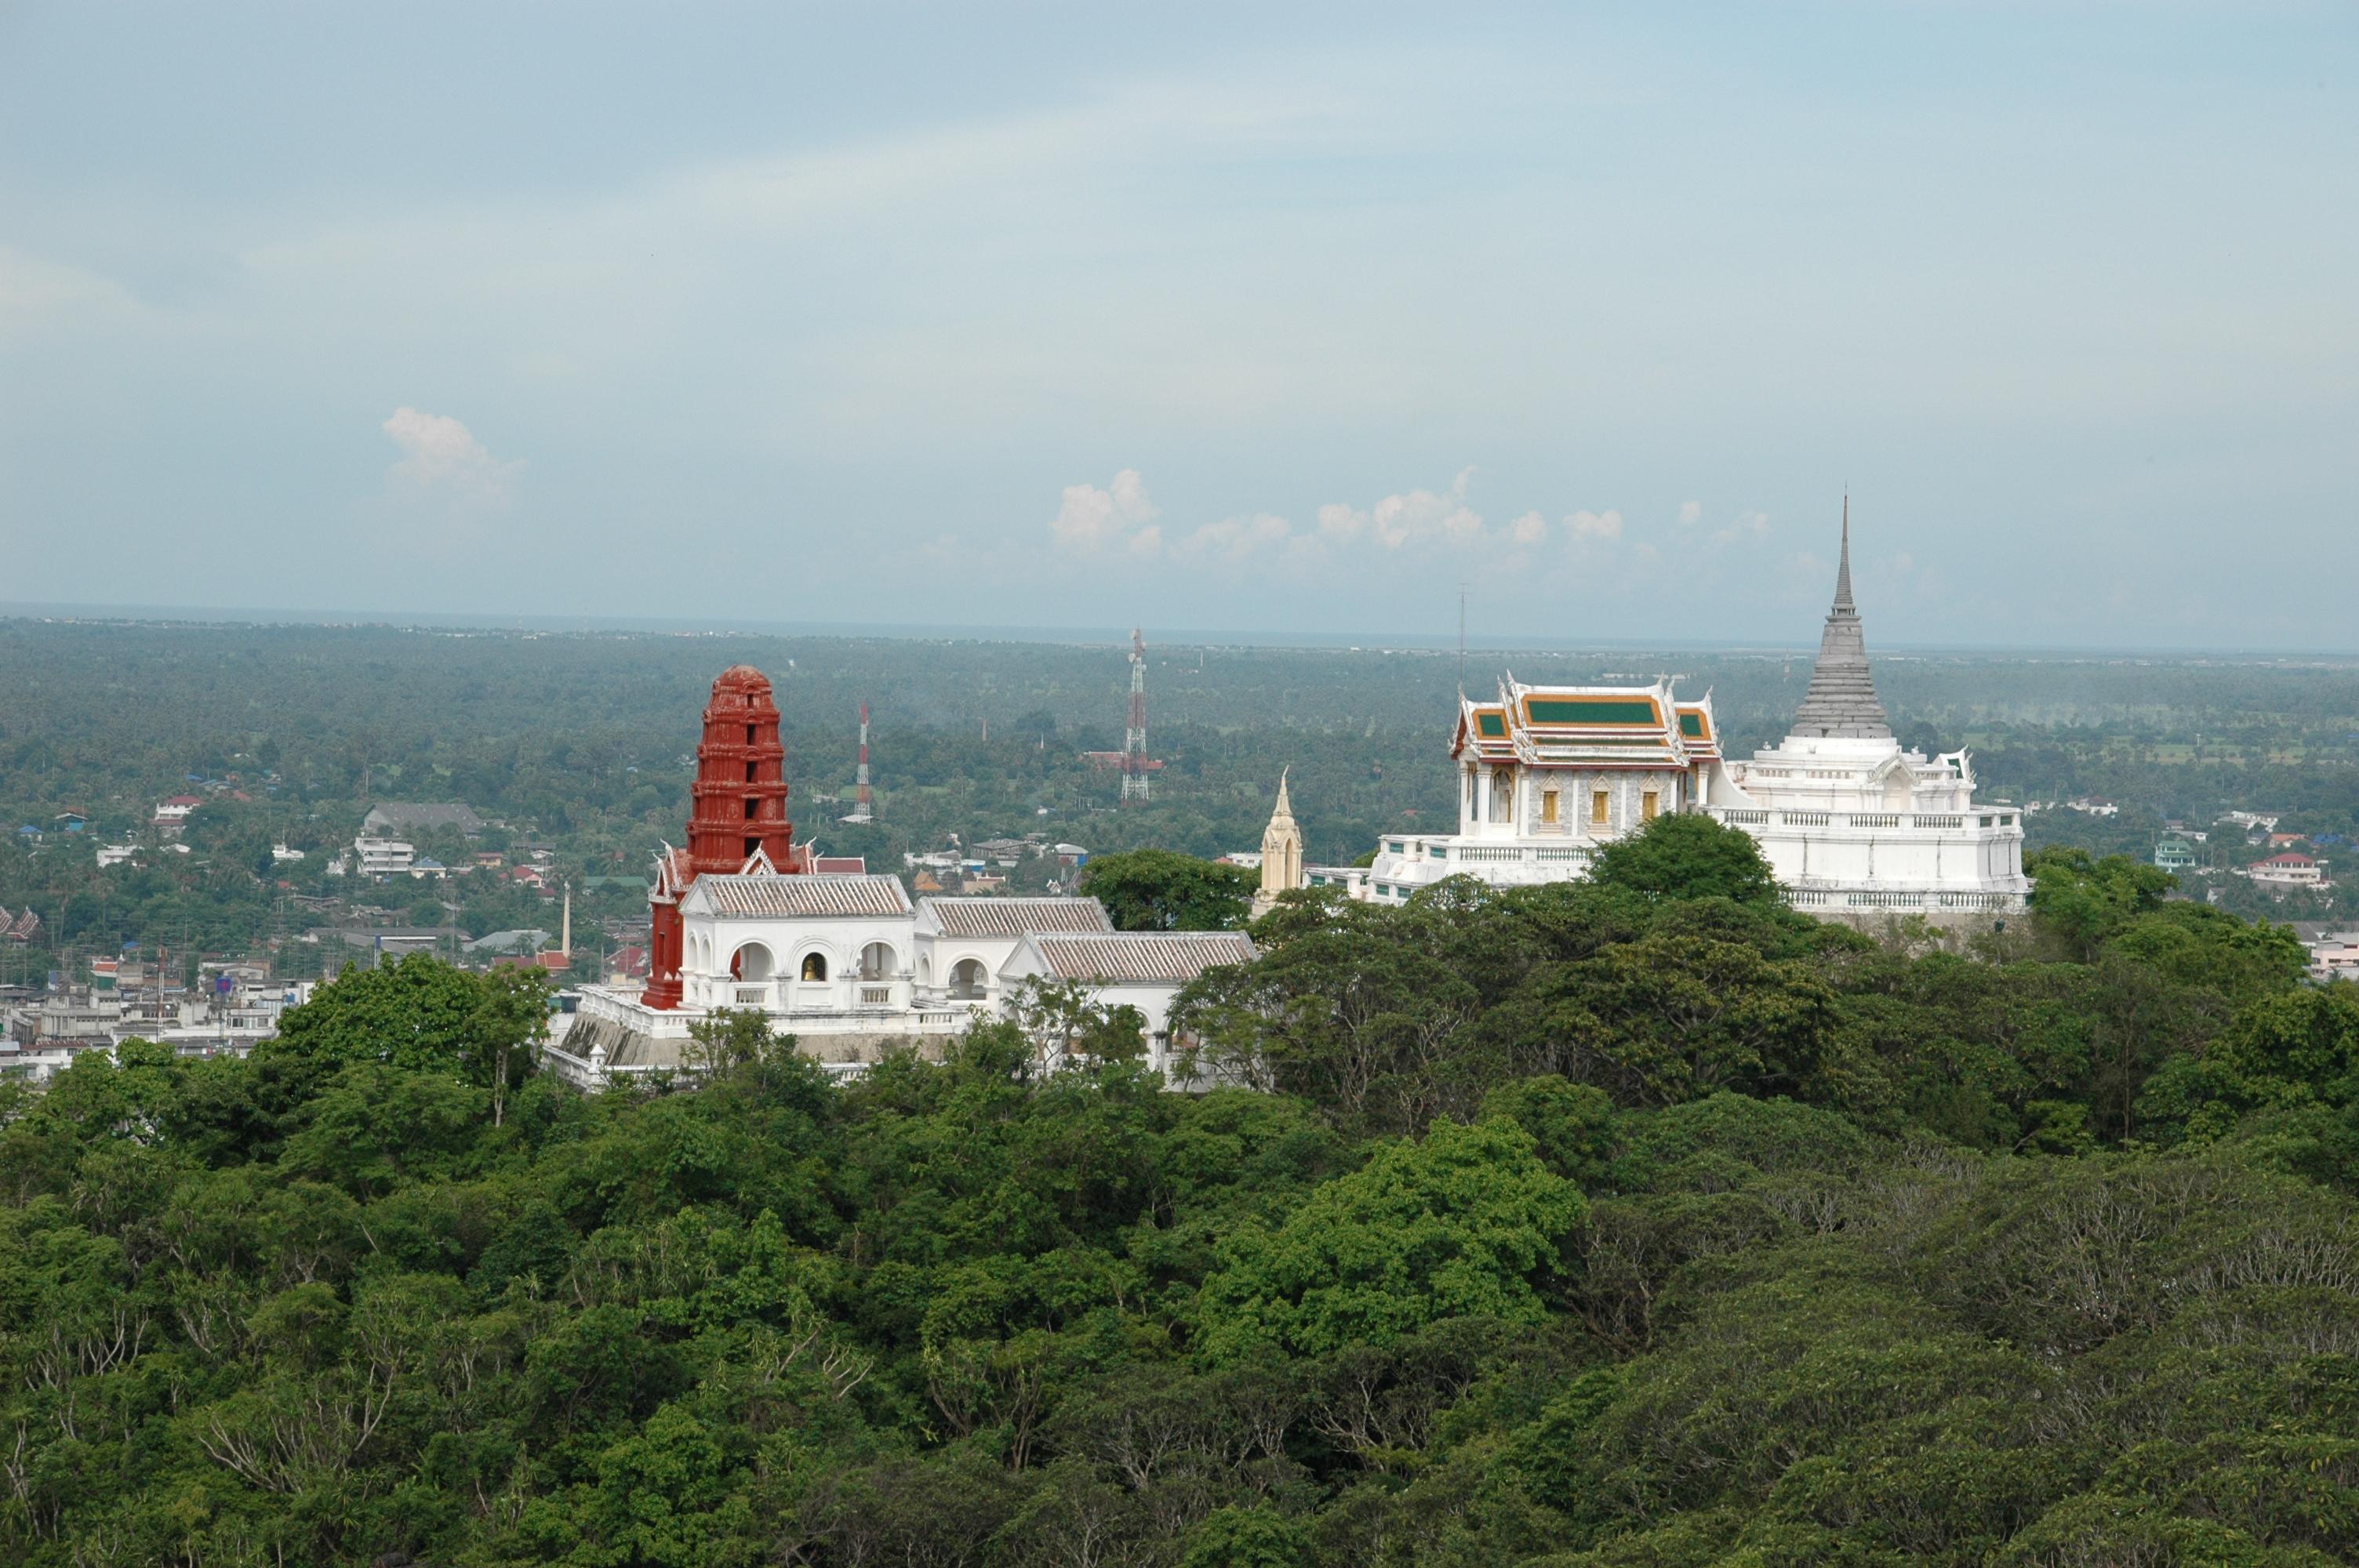 ไฟล์:Wat Phra Kaeo Noi.JPG - วิกิพีเดีย